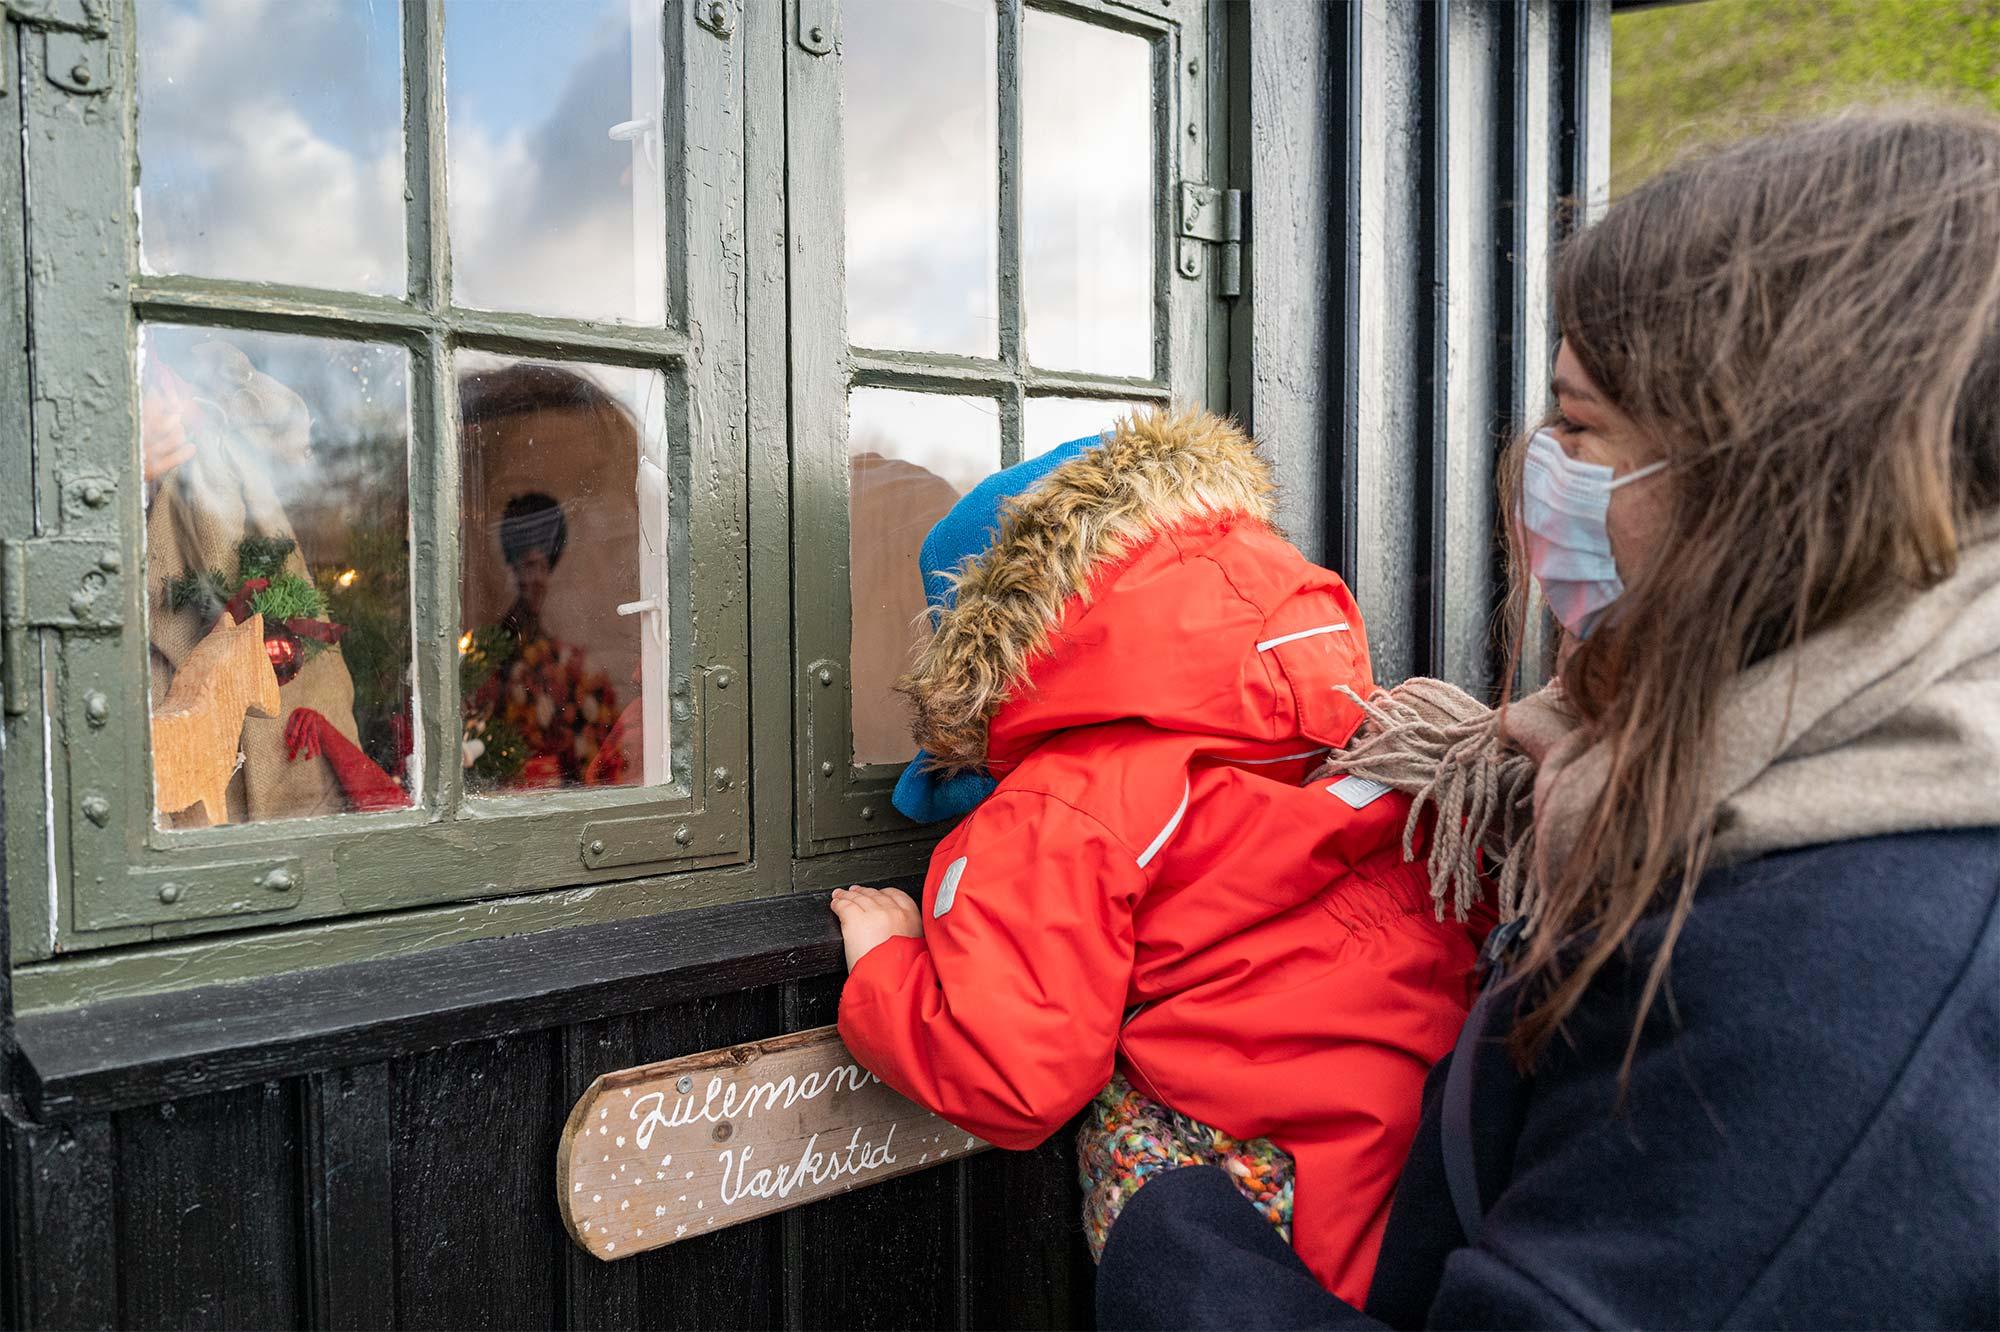 Et smugkig ind i julemandens værksted. Foto: TorbenStender.